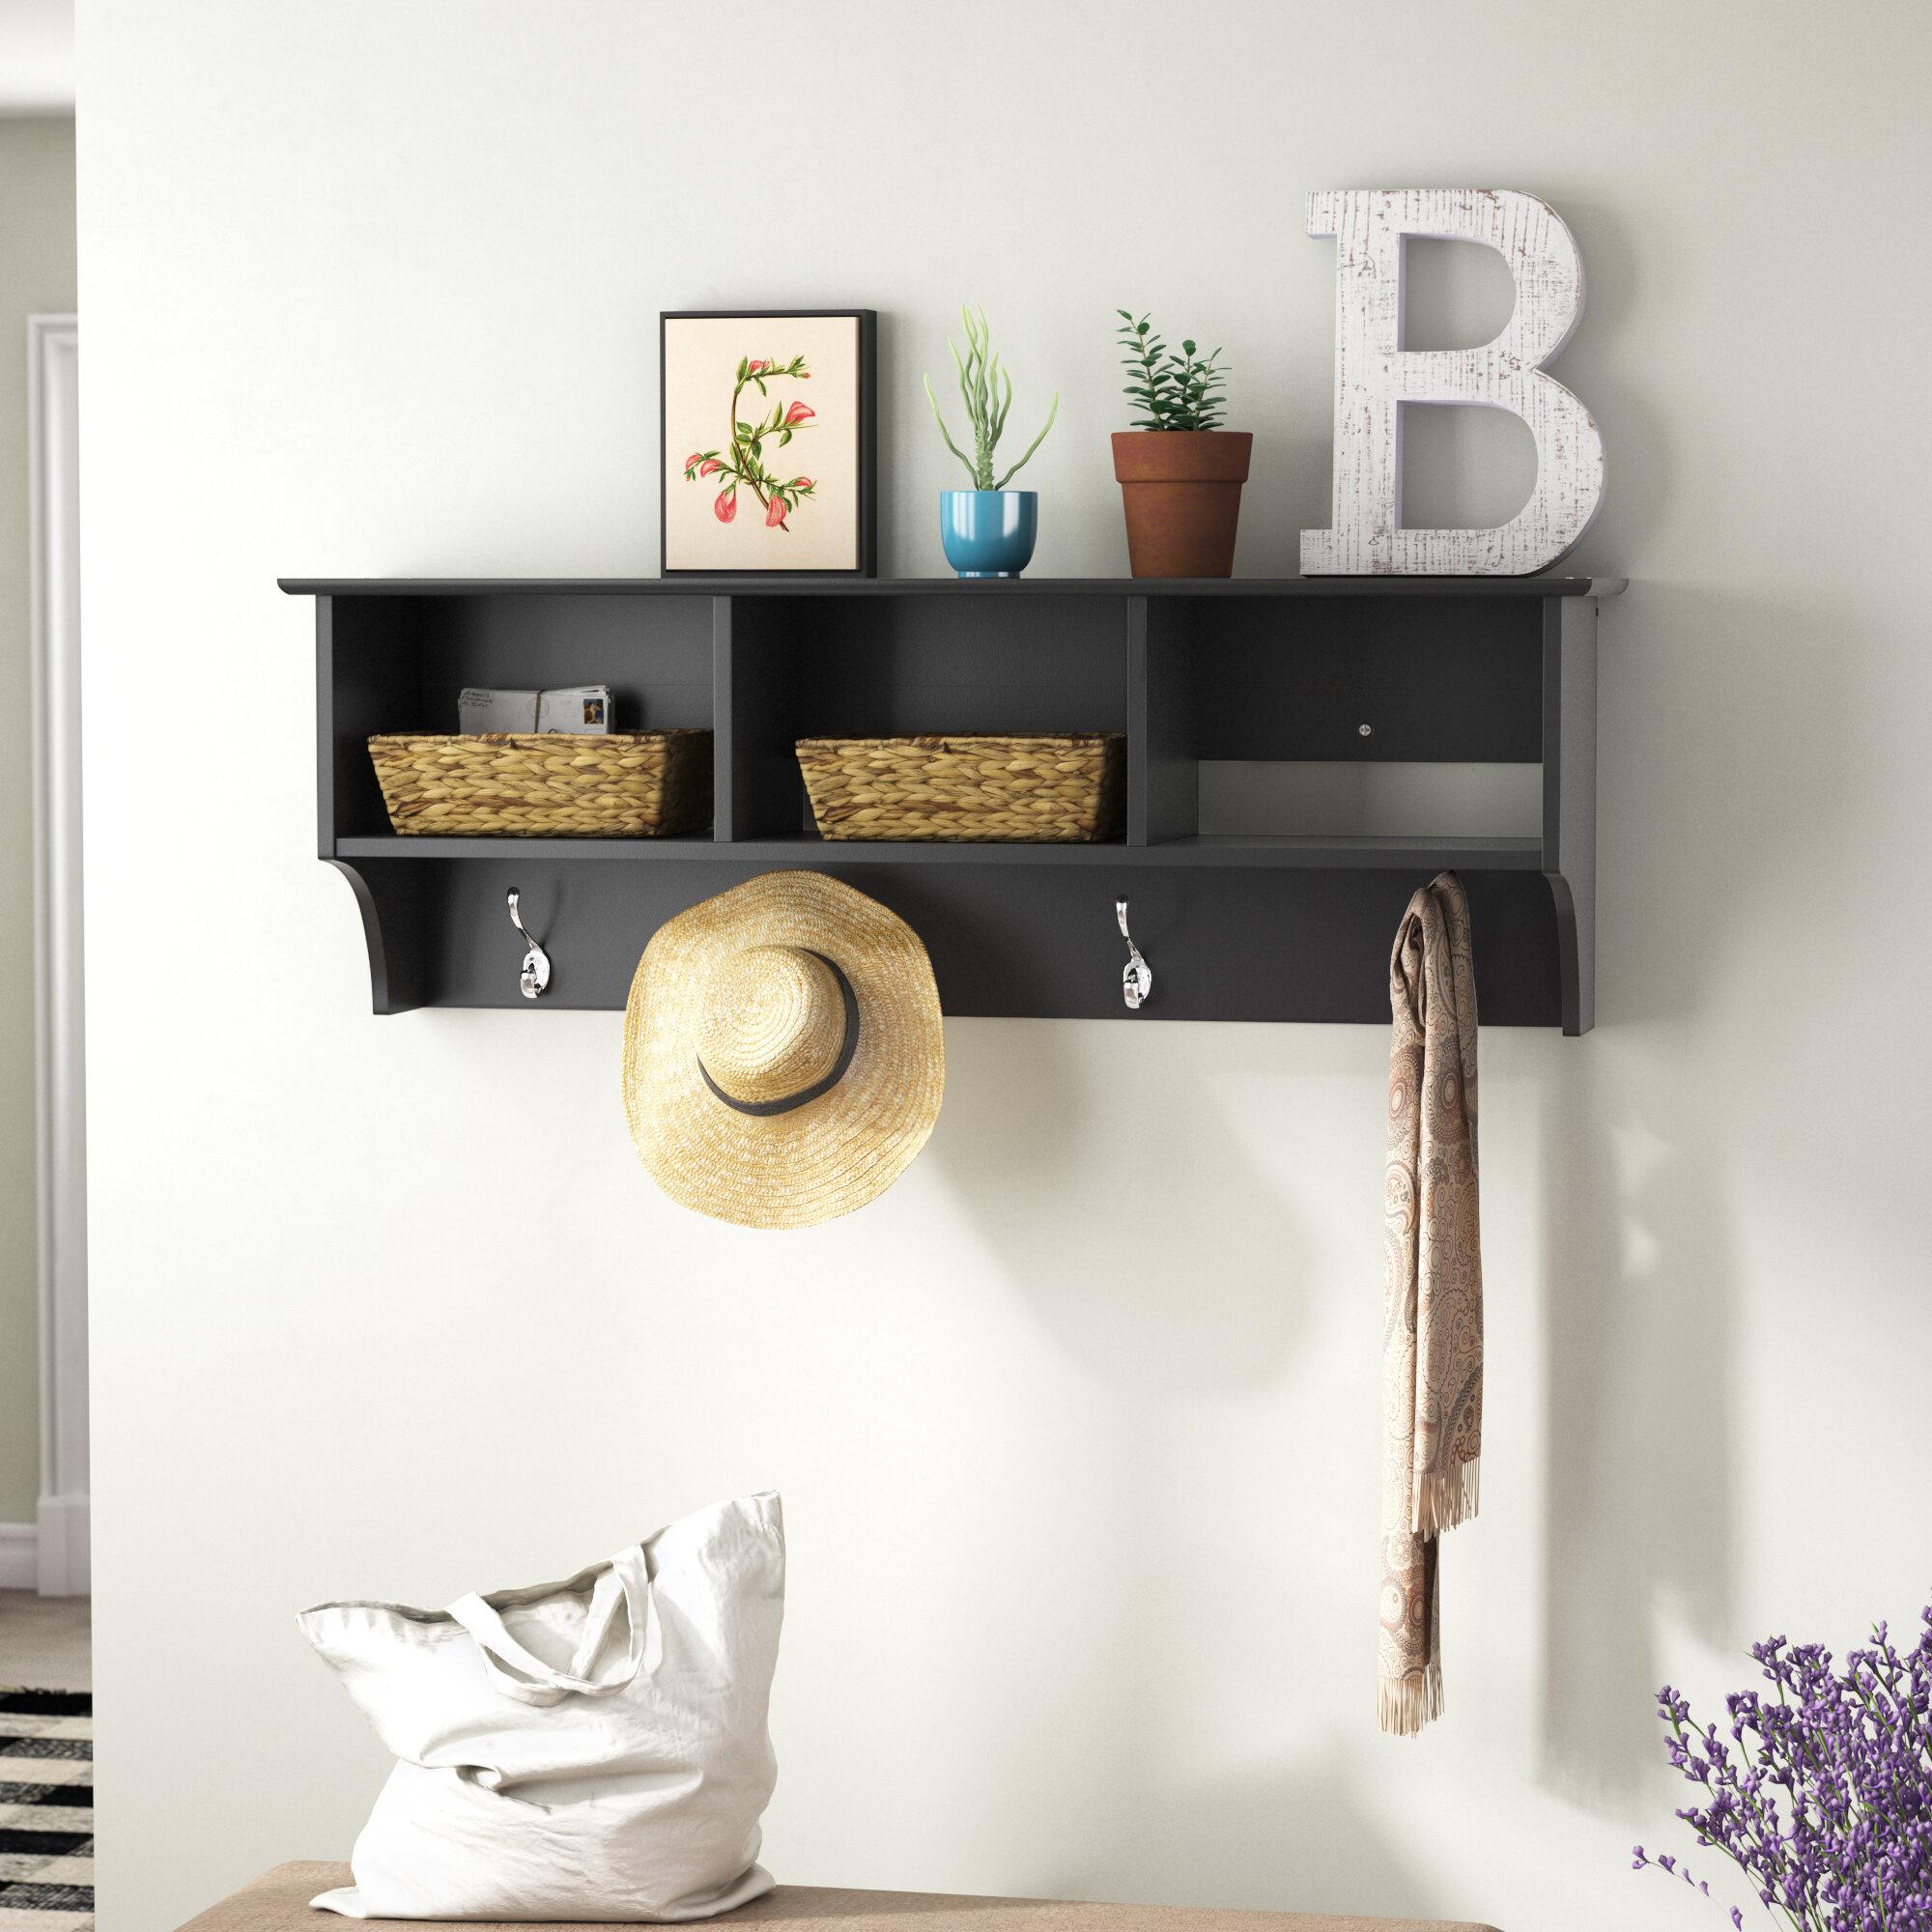 Red Barrel Studio® Kohen Entryway Shelf Wall Mounted Coat Rack